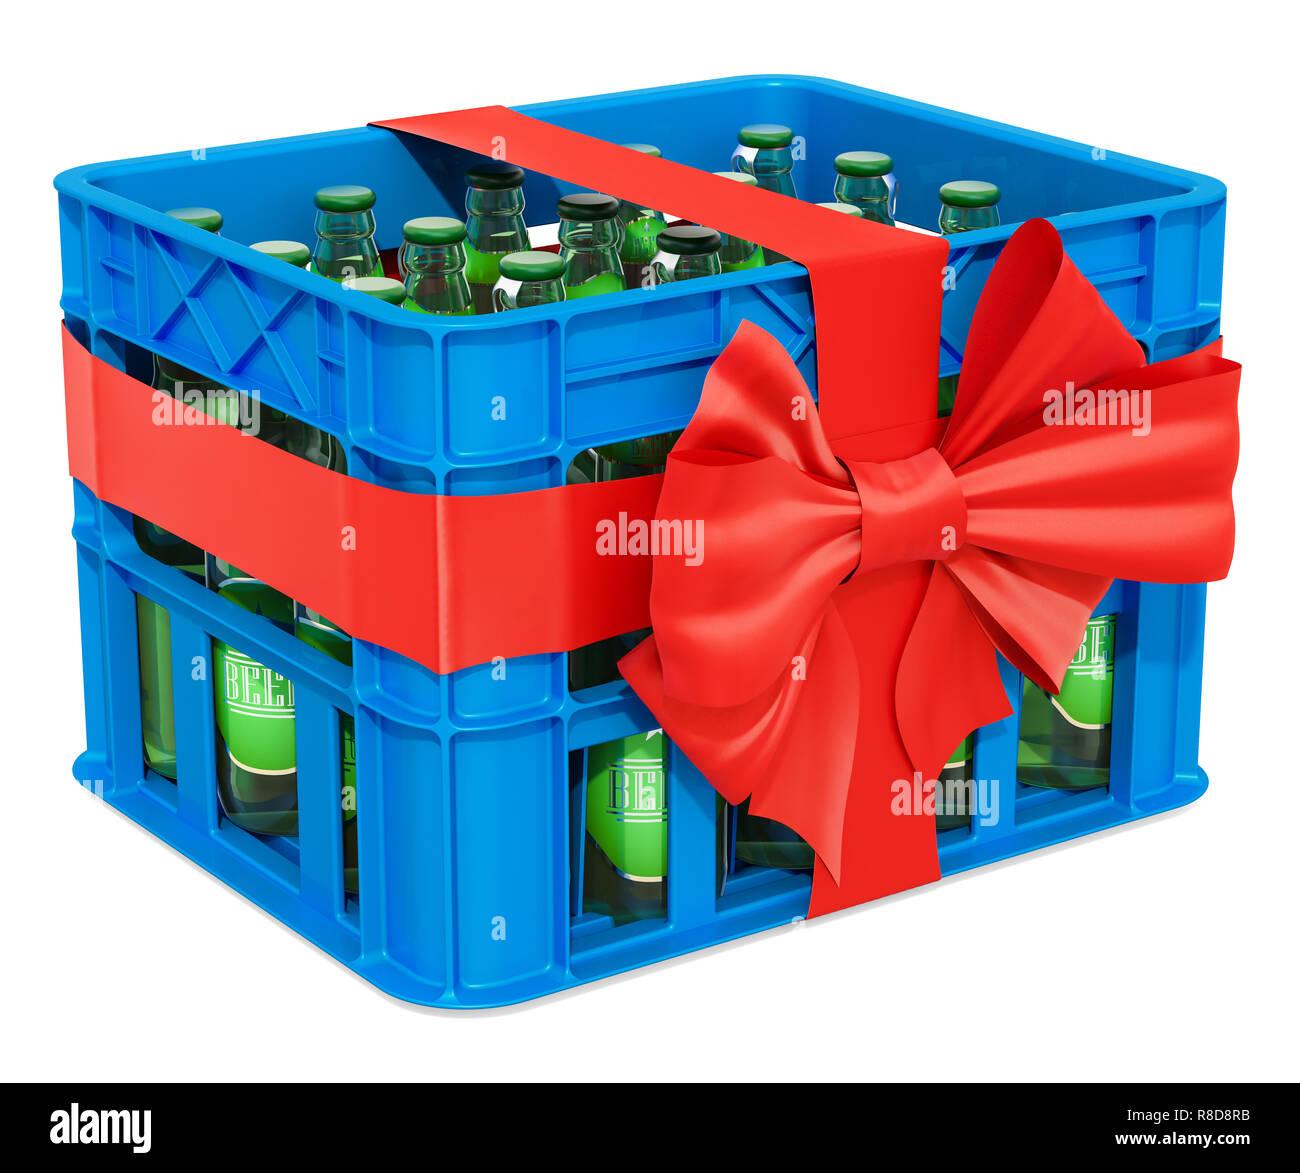 Kunststoff Kiste Voller Bier Flaschen Mit Roter Schleife Und Farbband Geschenk Das Konzept 3d Rendering Auf Weissem Hintergrund Stockfotografie Alamy